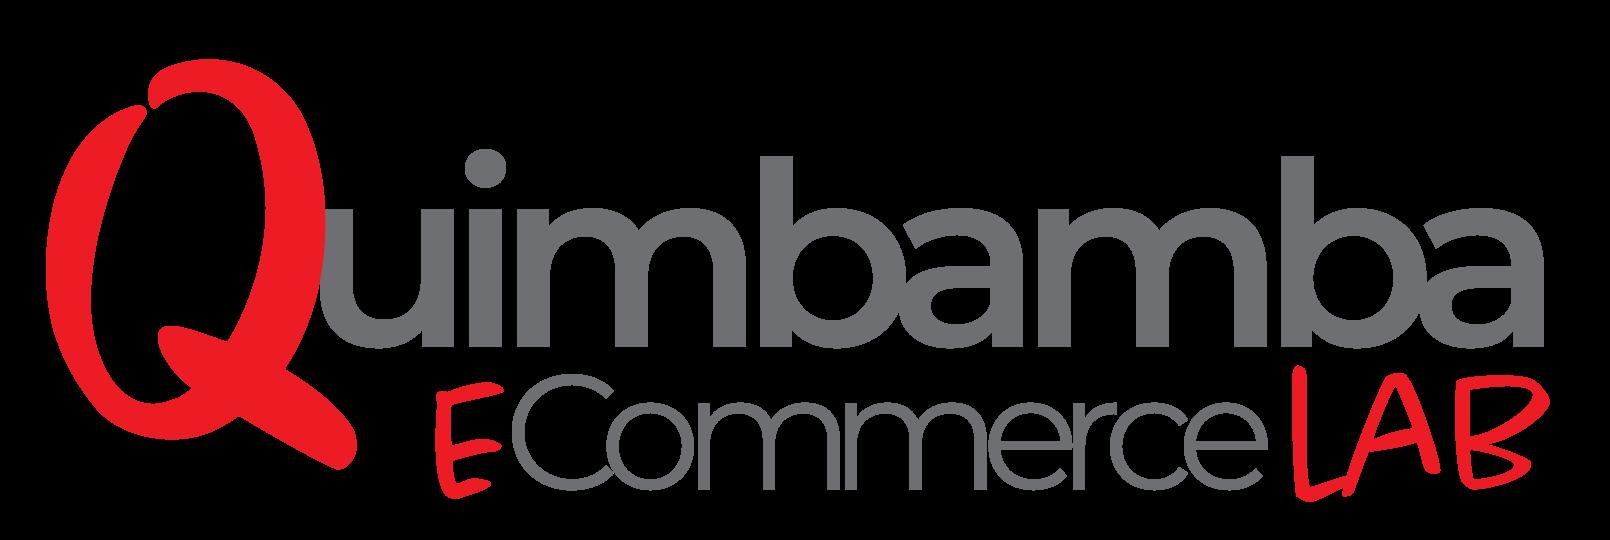 Quimbamba LAB